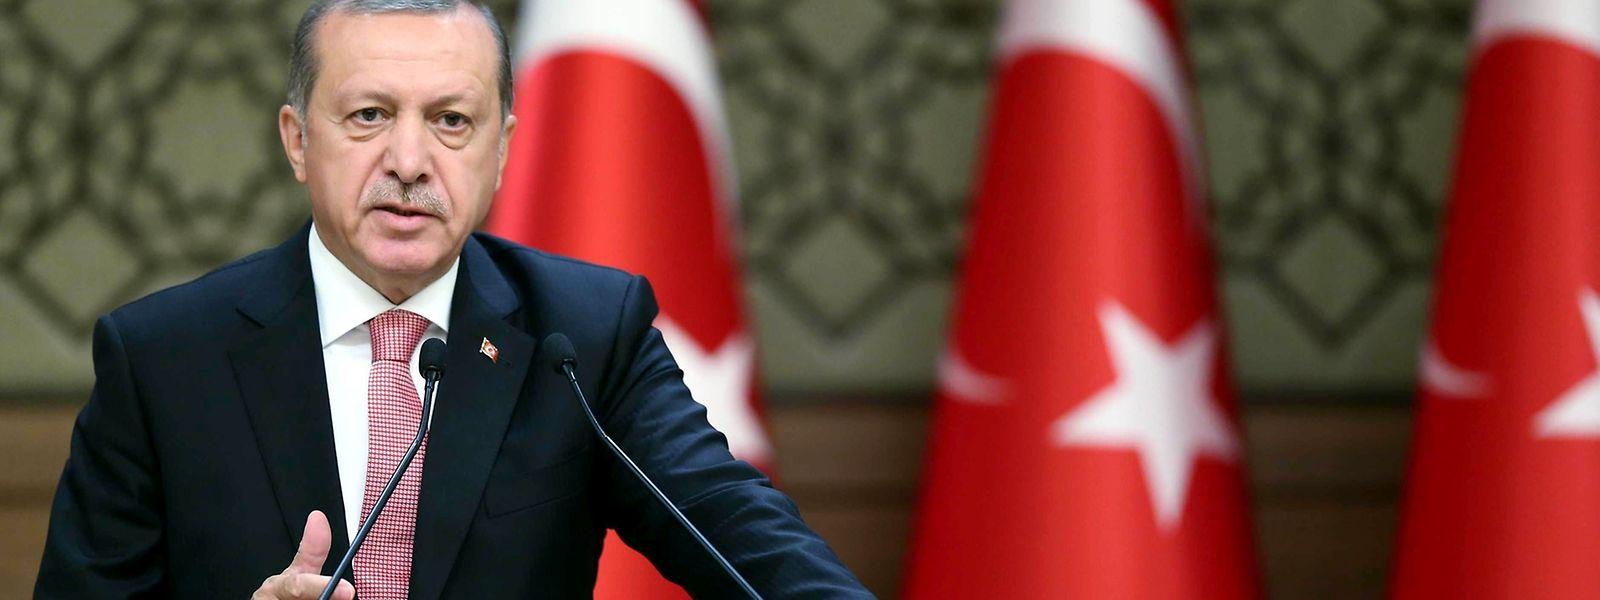 Recep Tayyip Erdogan kritisiert den Westen.